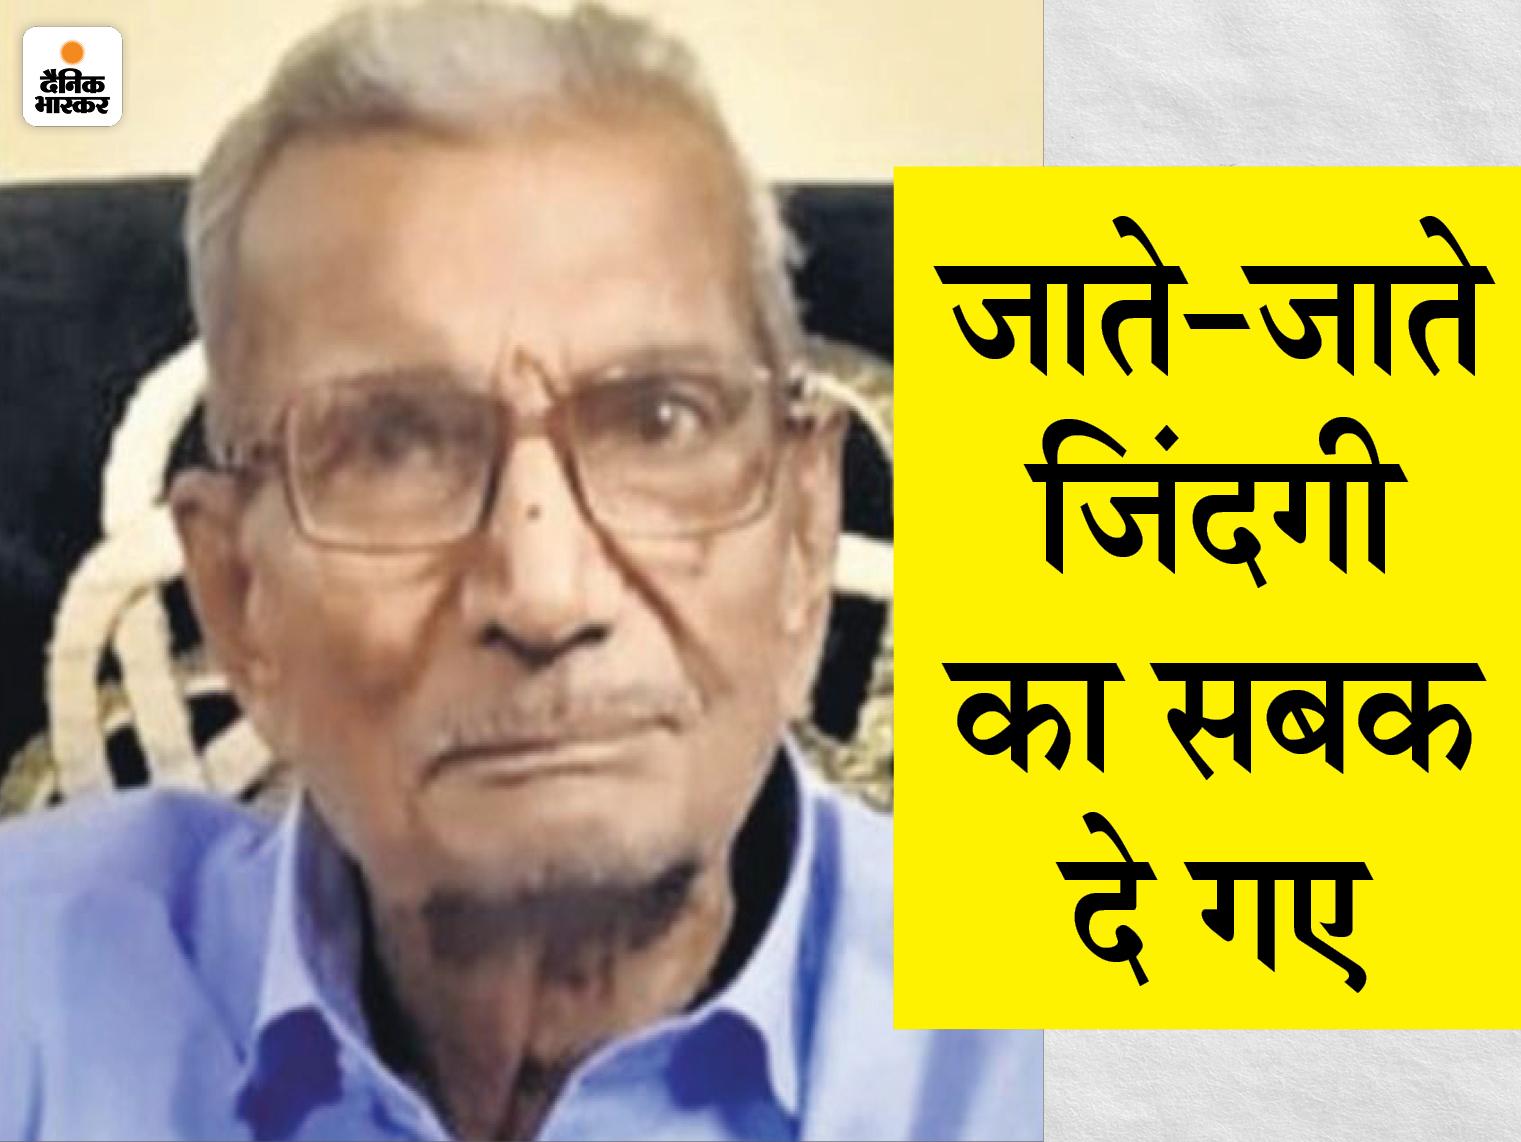 85 साल के कोरोना पीड़ित ने 40 साल के मरीज के लिए बेड छोड़ दिया, बोले- मैंने अपनी जिंदगी जी ली; 3 दिन बाद मौत|देश,National - Dainik Bhaskar